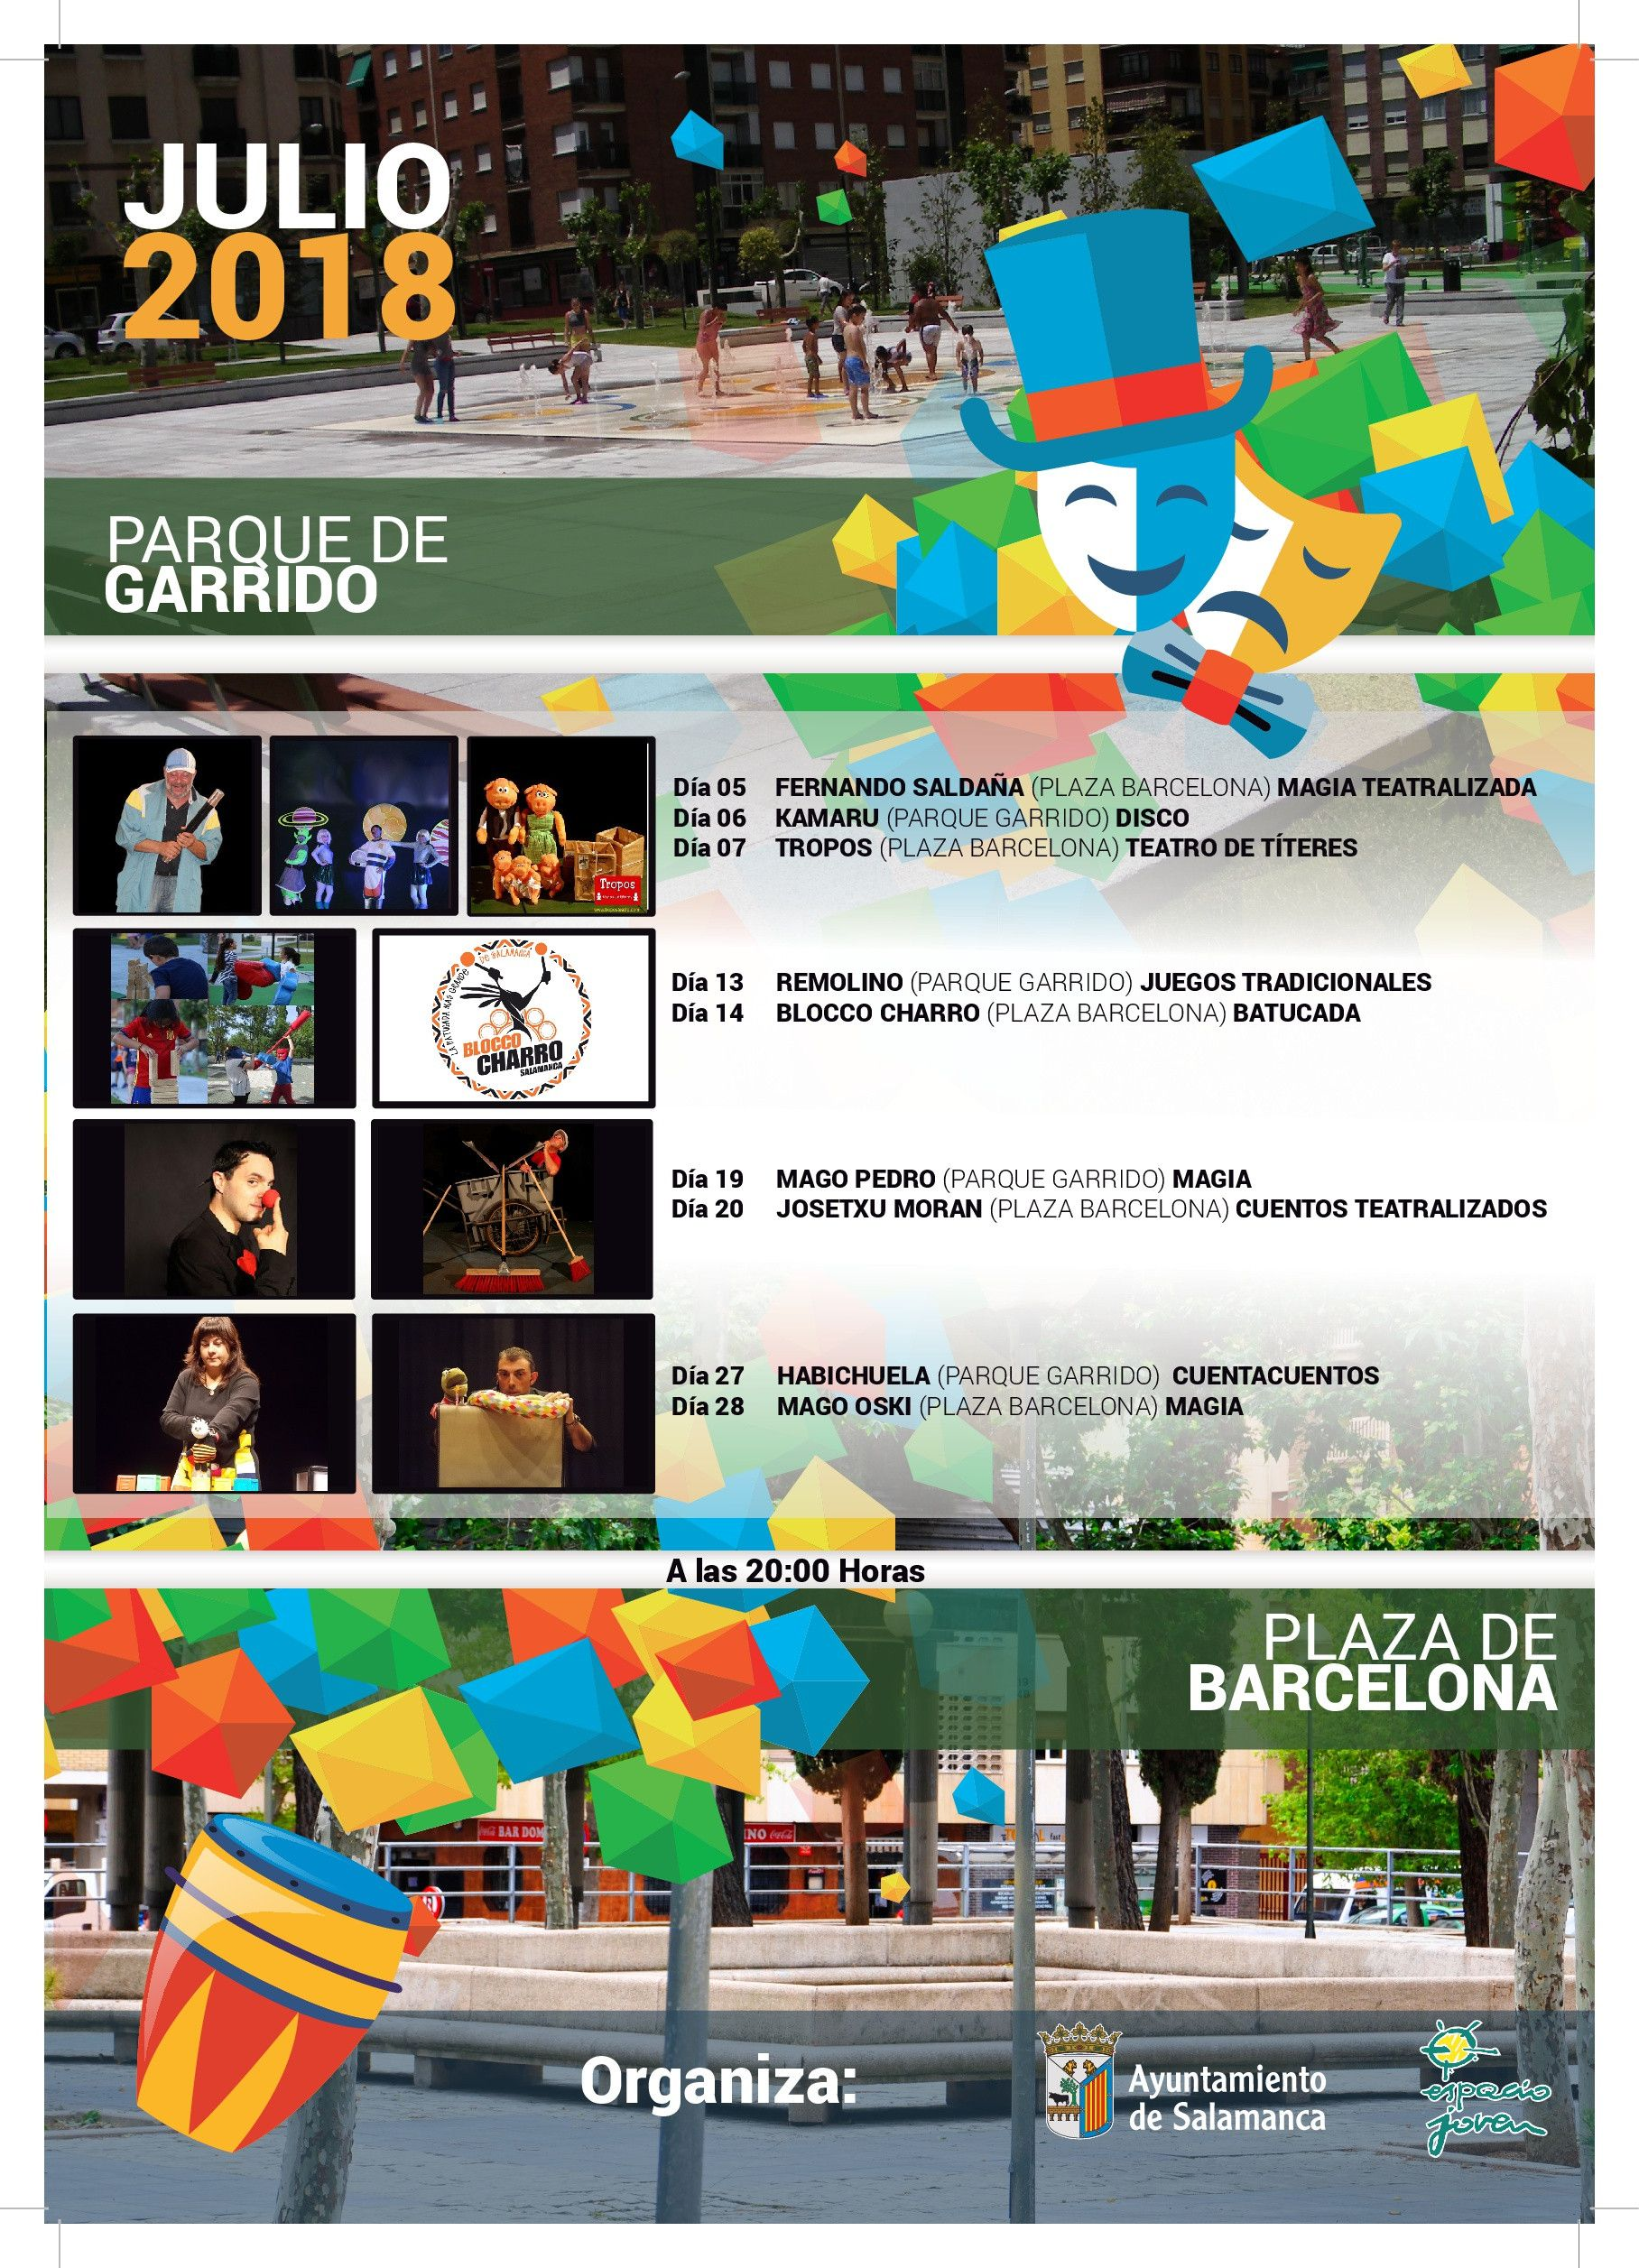 Cartel Garrido julio 2018 001